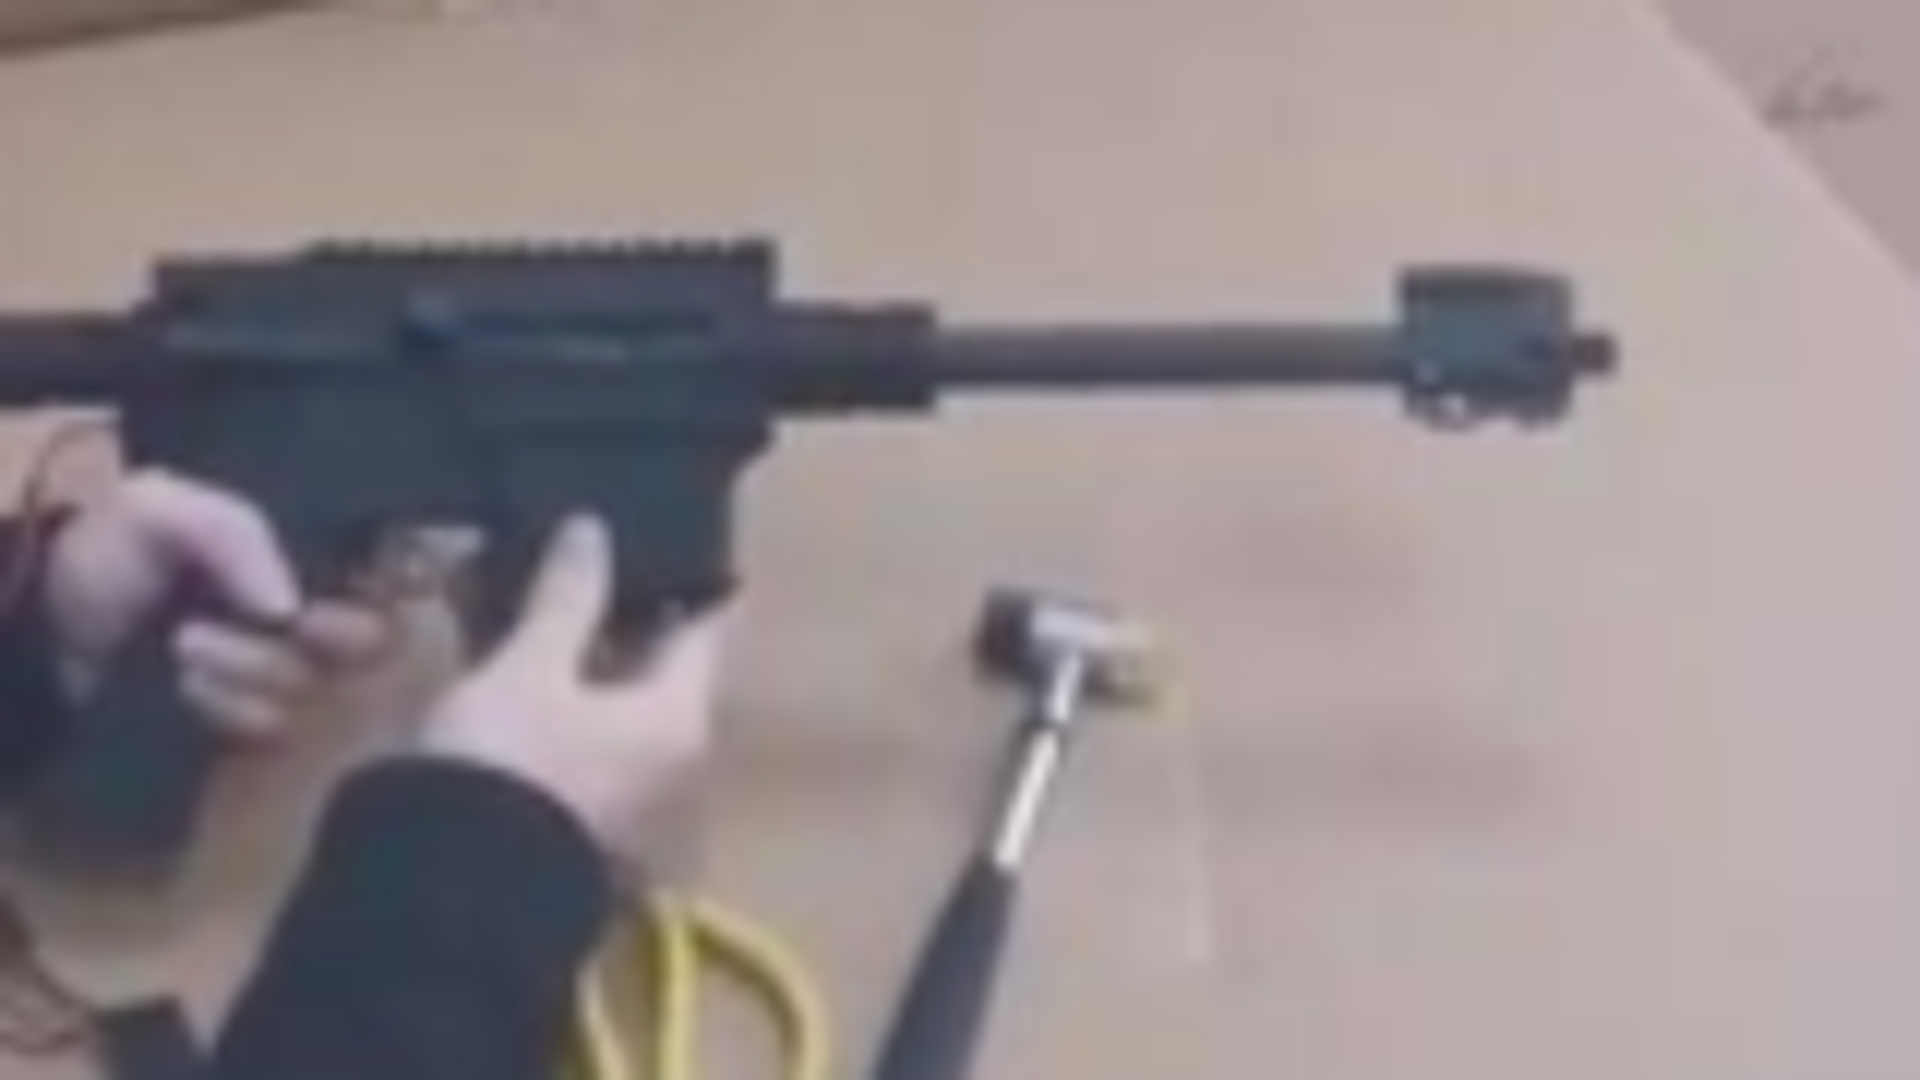 据说是仁翔的后坐力+抛壳 hk416水弹枪